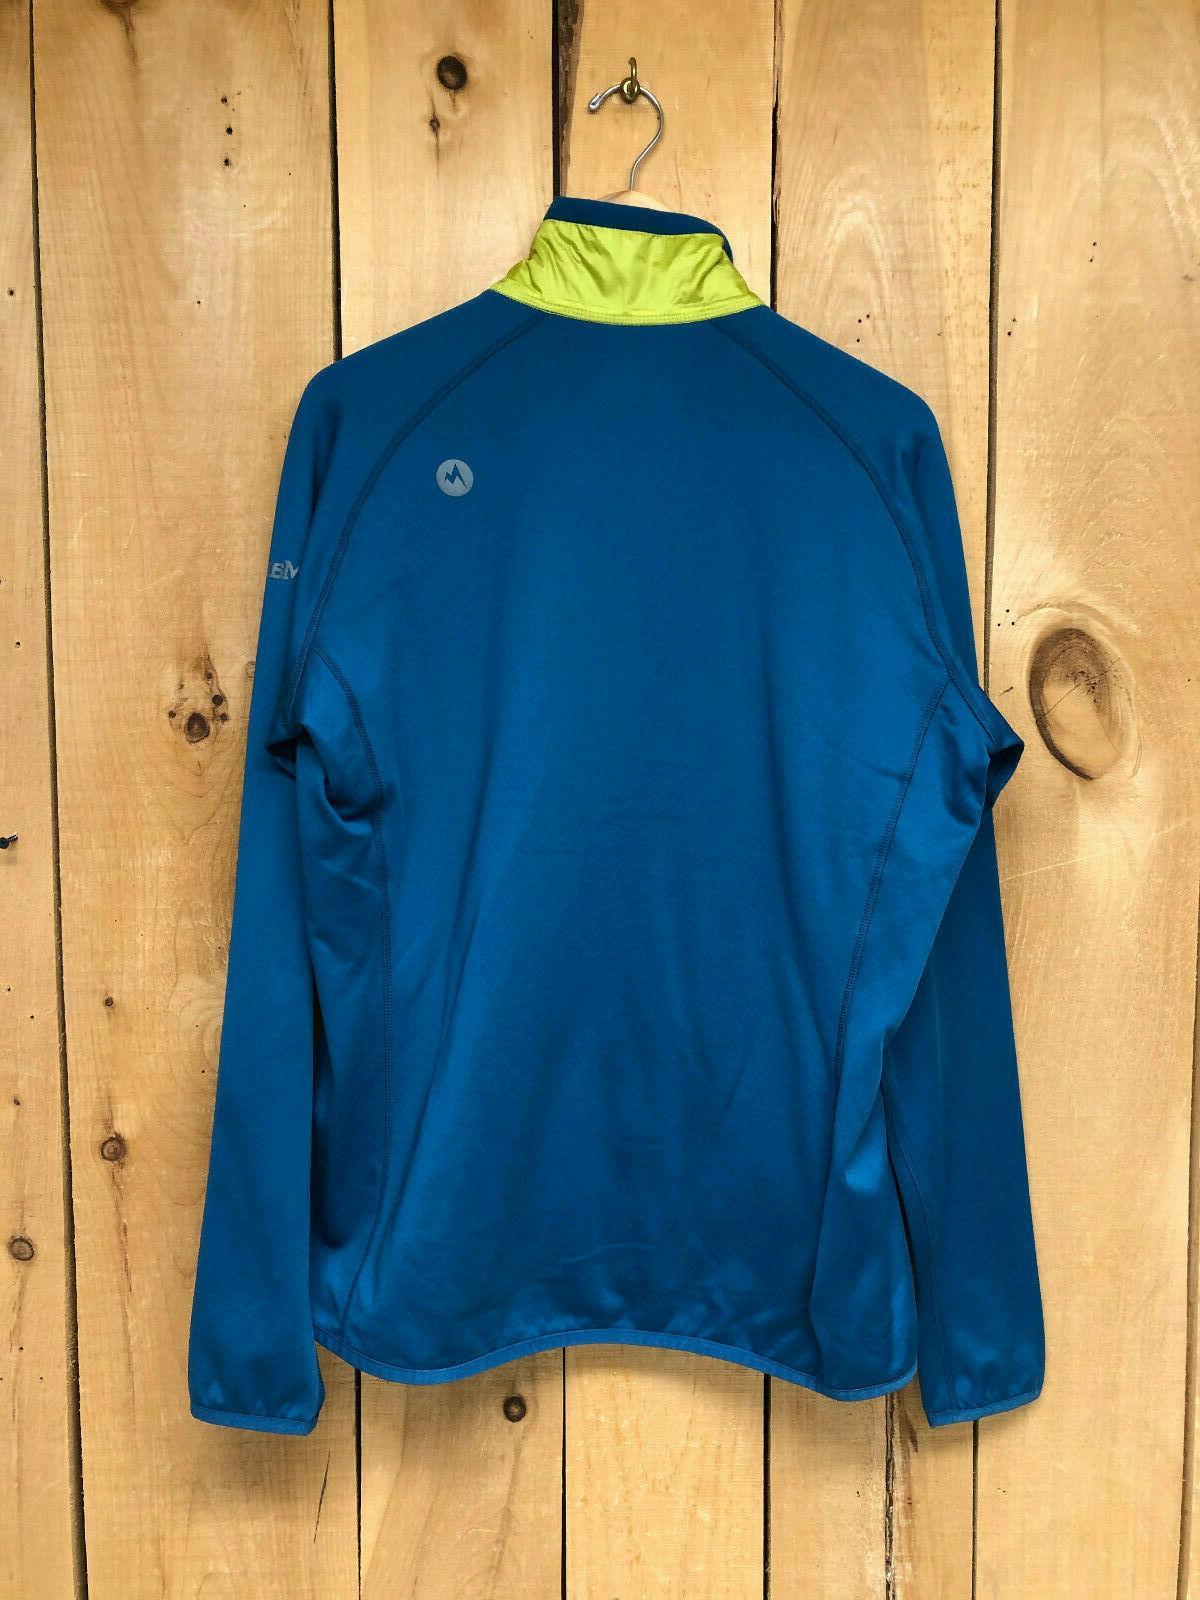 Marmot Men's Variant Jacket w/ Powerstrech Moroccan Bluie/Citron